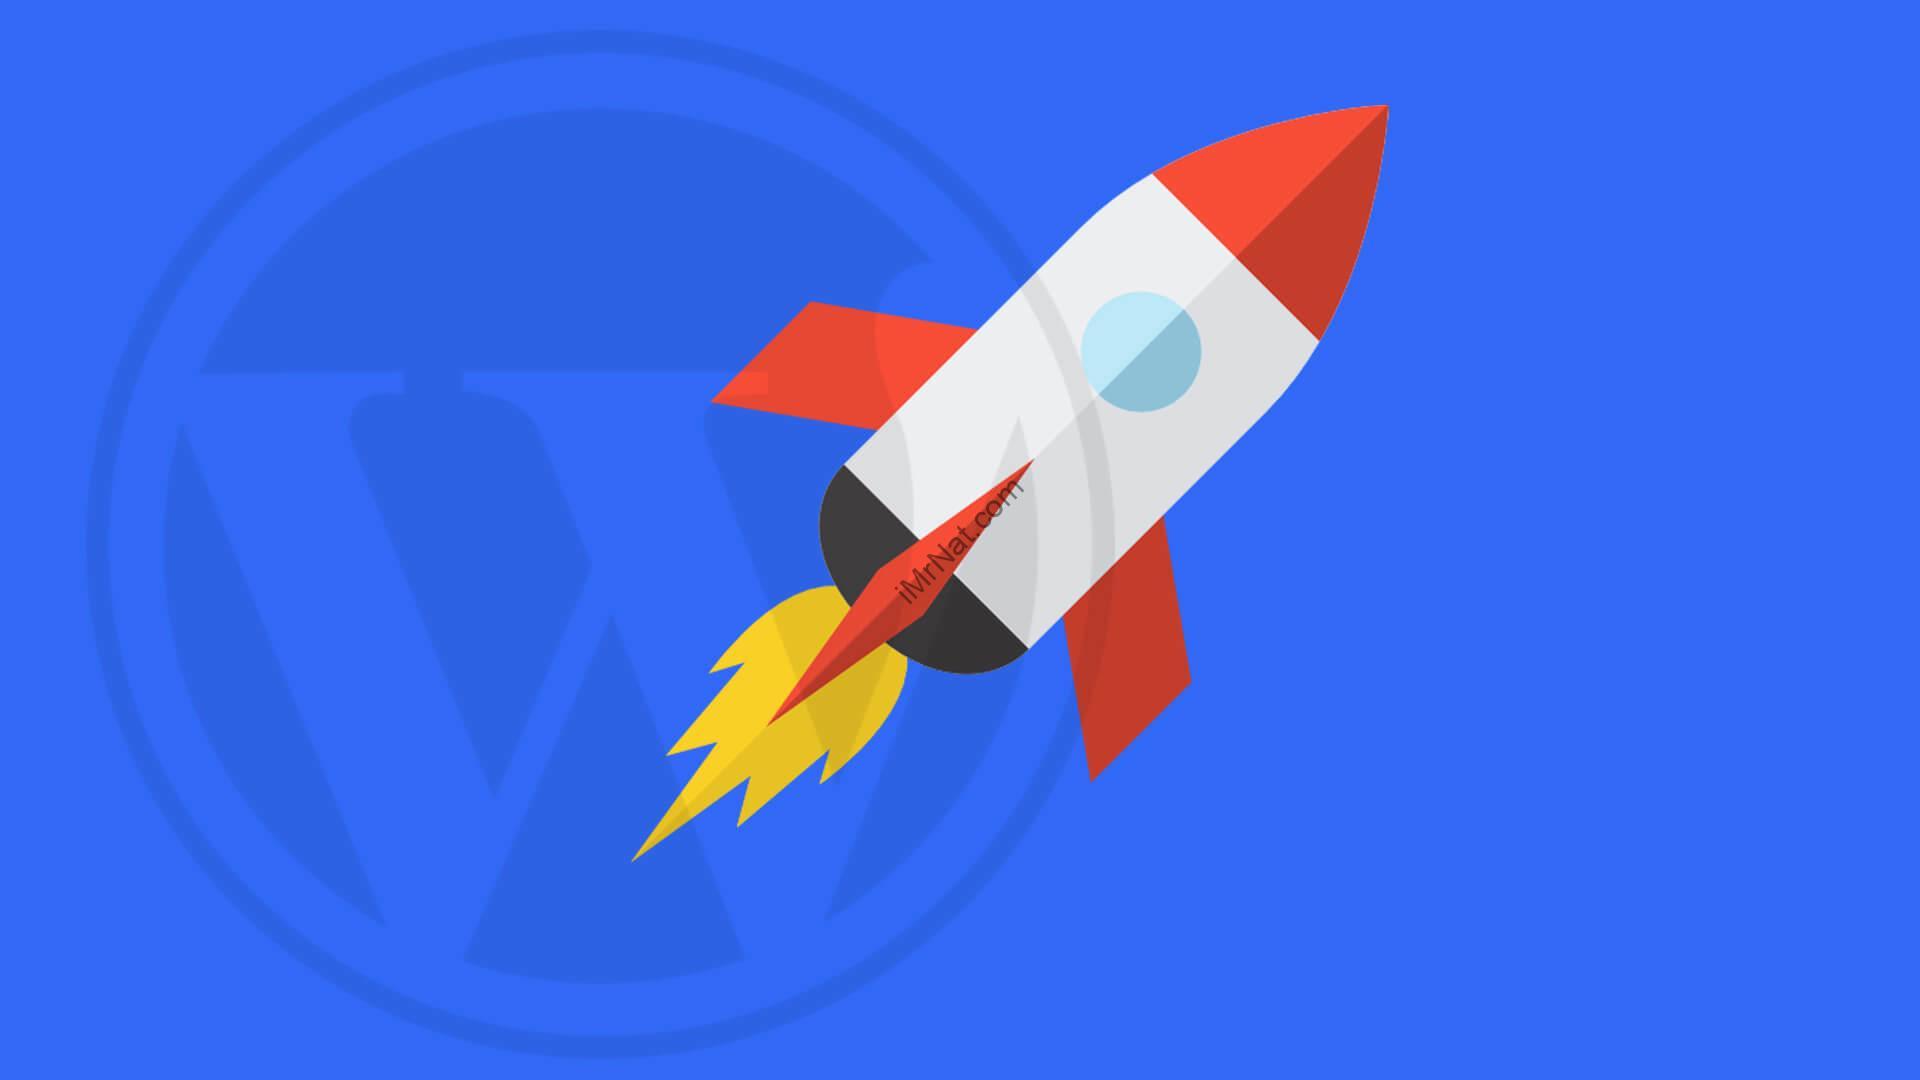 Tips for website speedup